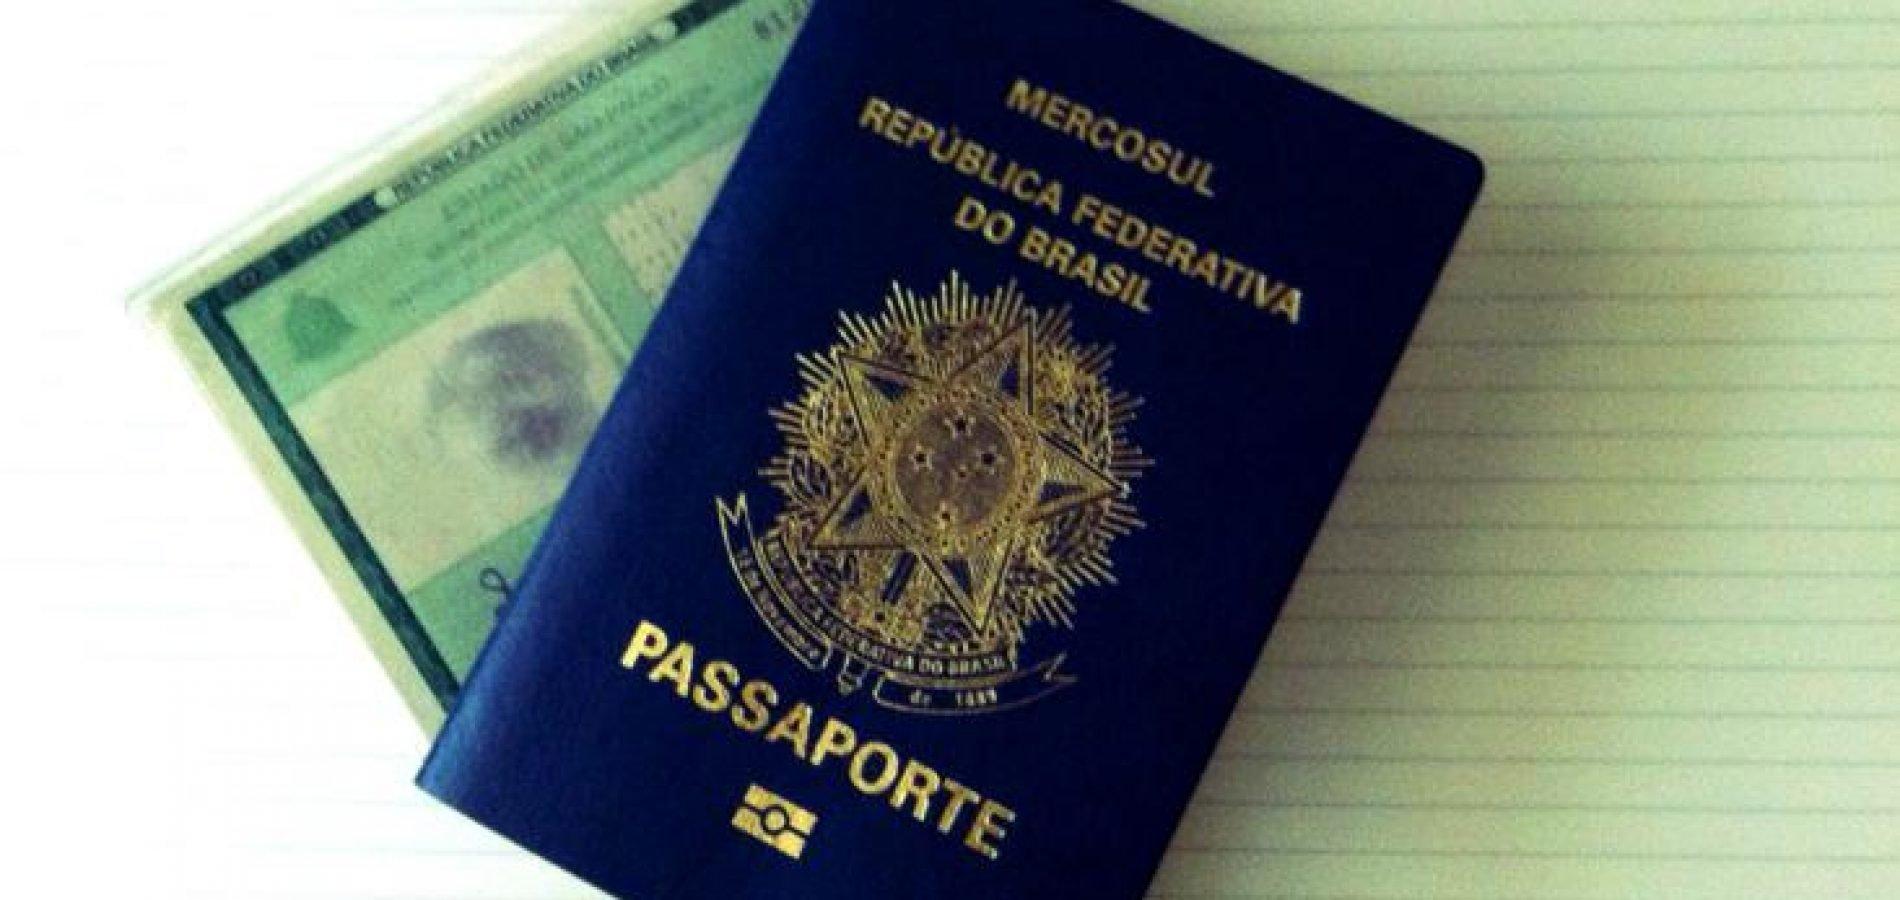 rg e passaporte 1900x900 c.jpg?resize=1200,630 - Você já pode emitir RG e passaporte no cartório. Confira passo a passo